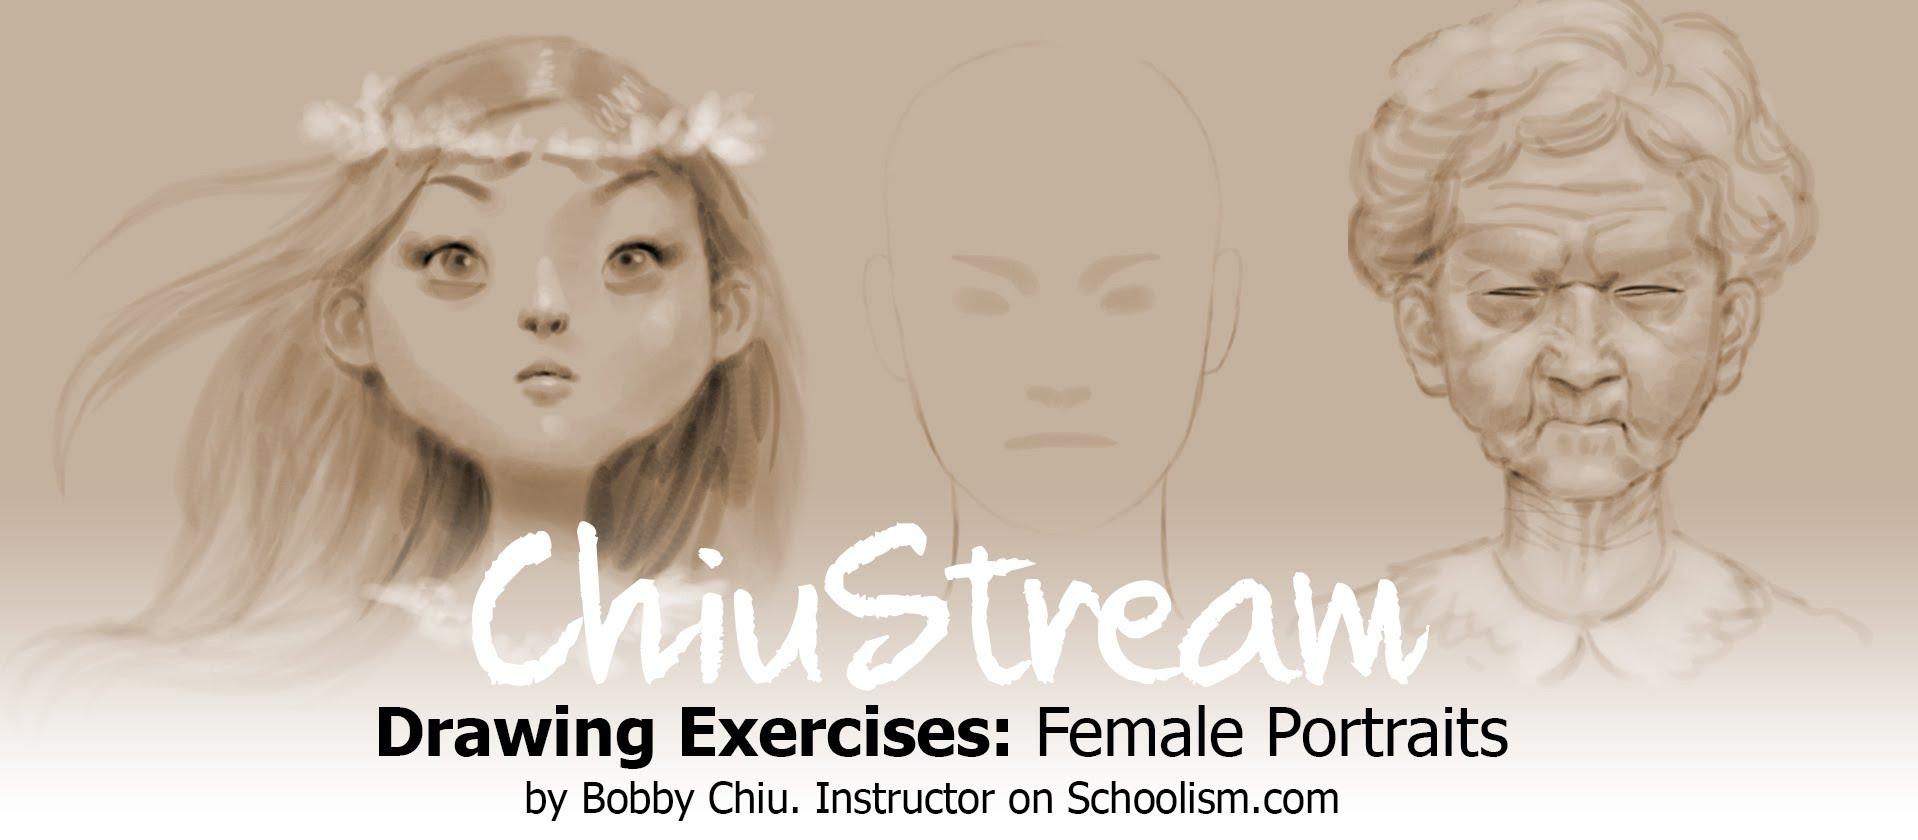 Imagem retirada do canal do Youtube do Bobby Chiu